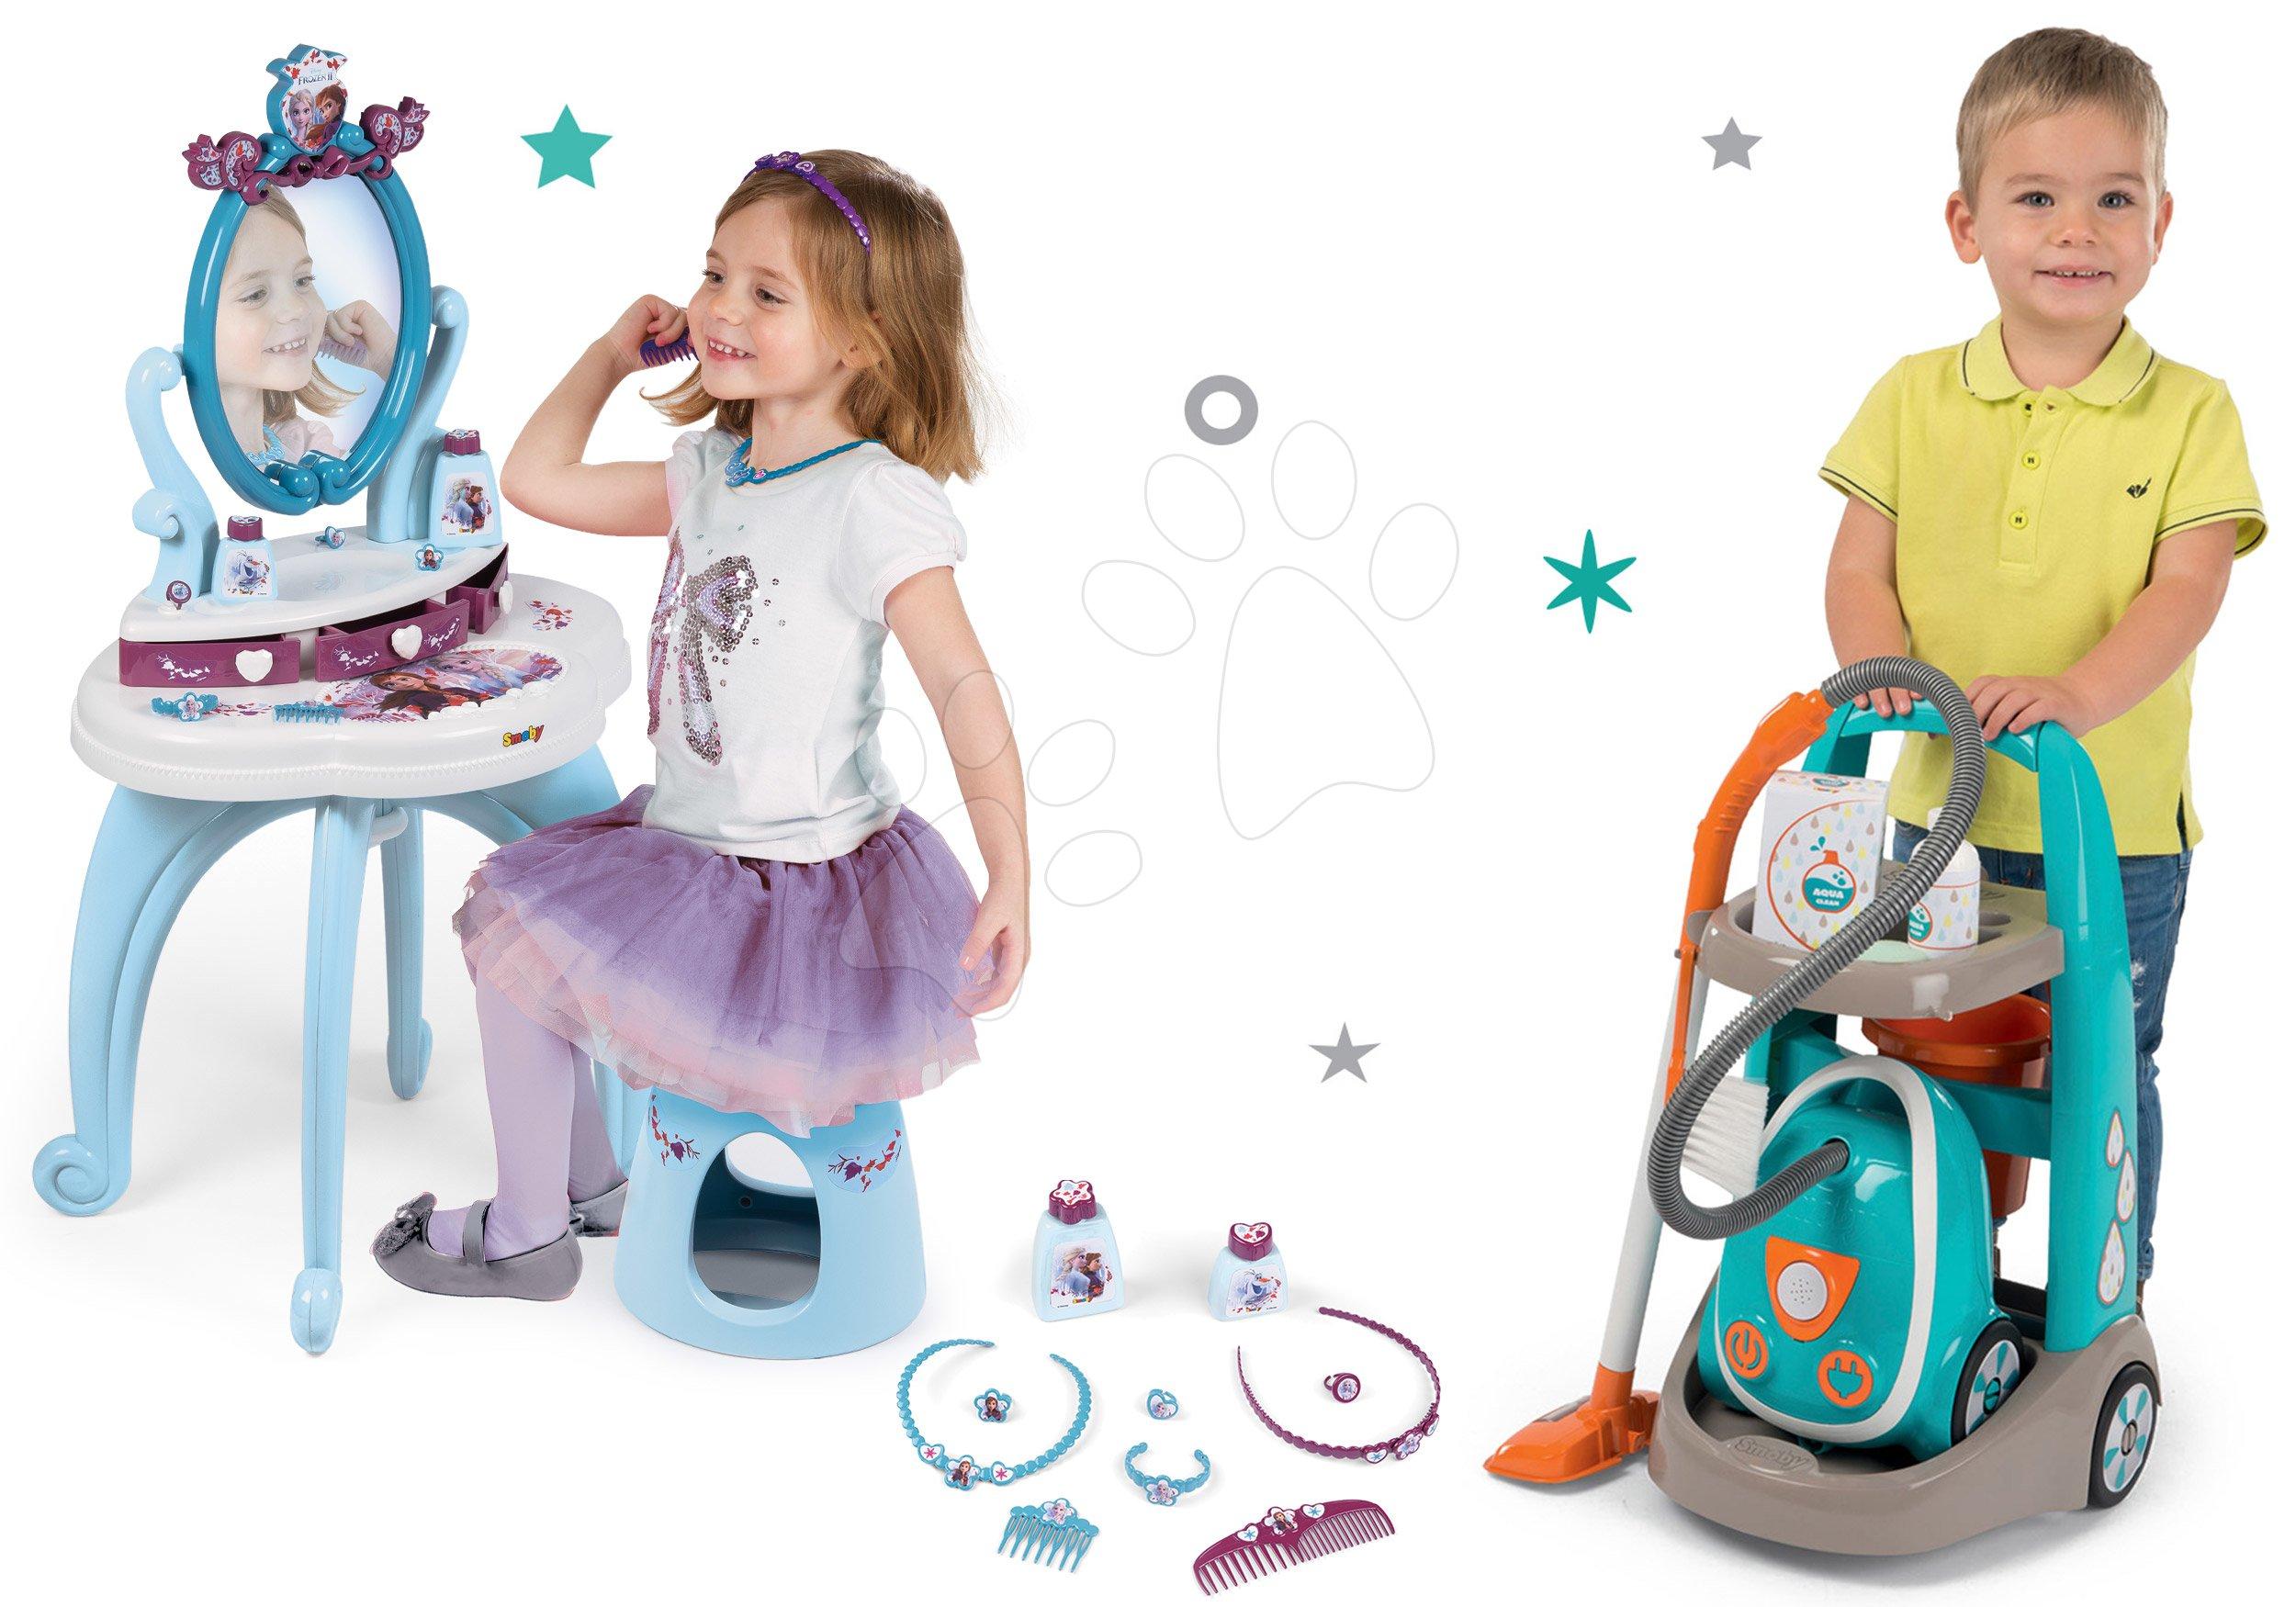 Hry na domácnost - Set úklidový vozík s elektronickým vysavačem Vacuum Cleaner Smoby a kosmetický stolek Frozen se židlí